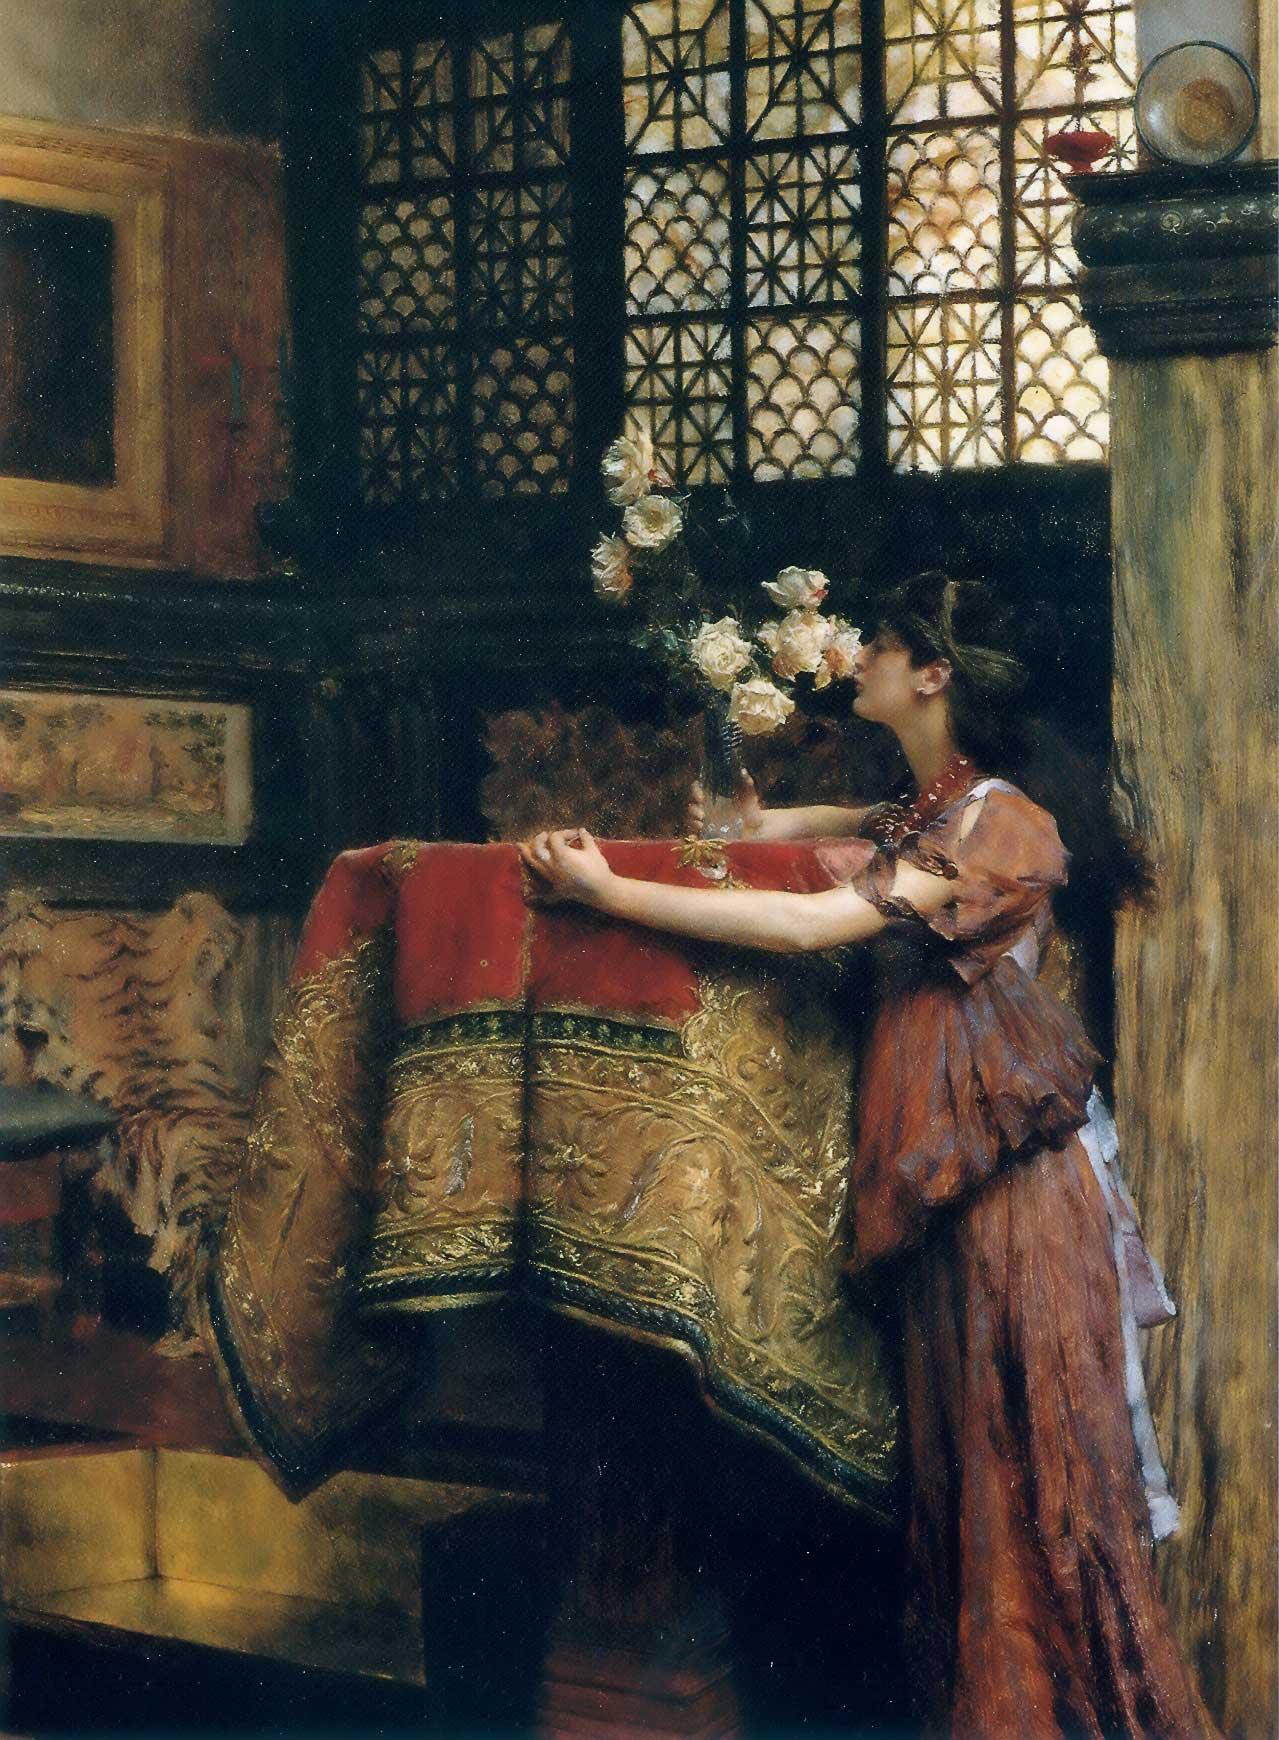 Lawrence Alma-Tadema : In My Studio